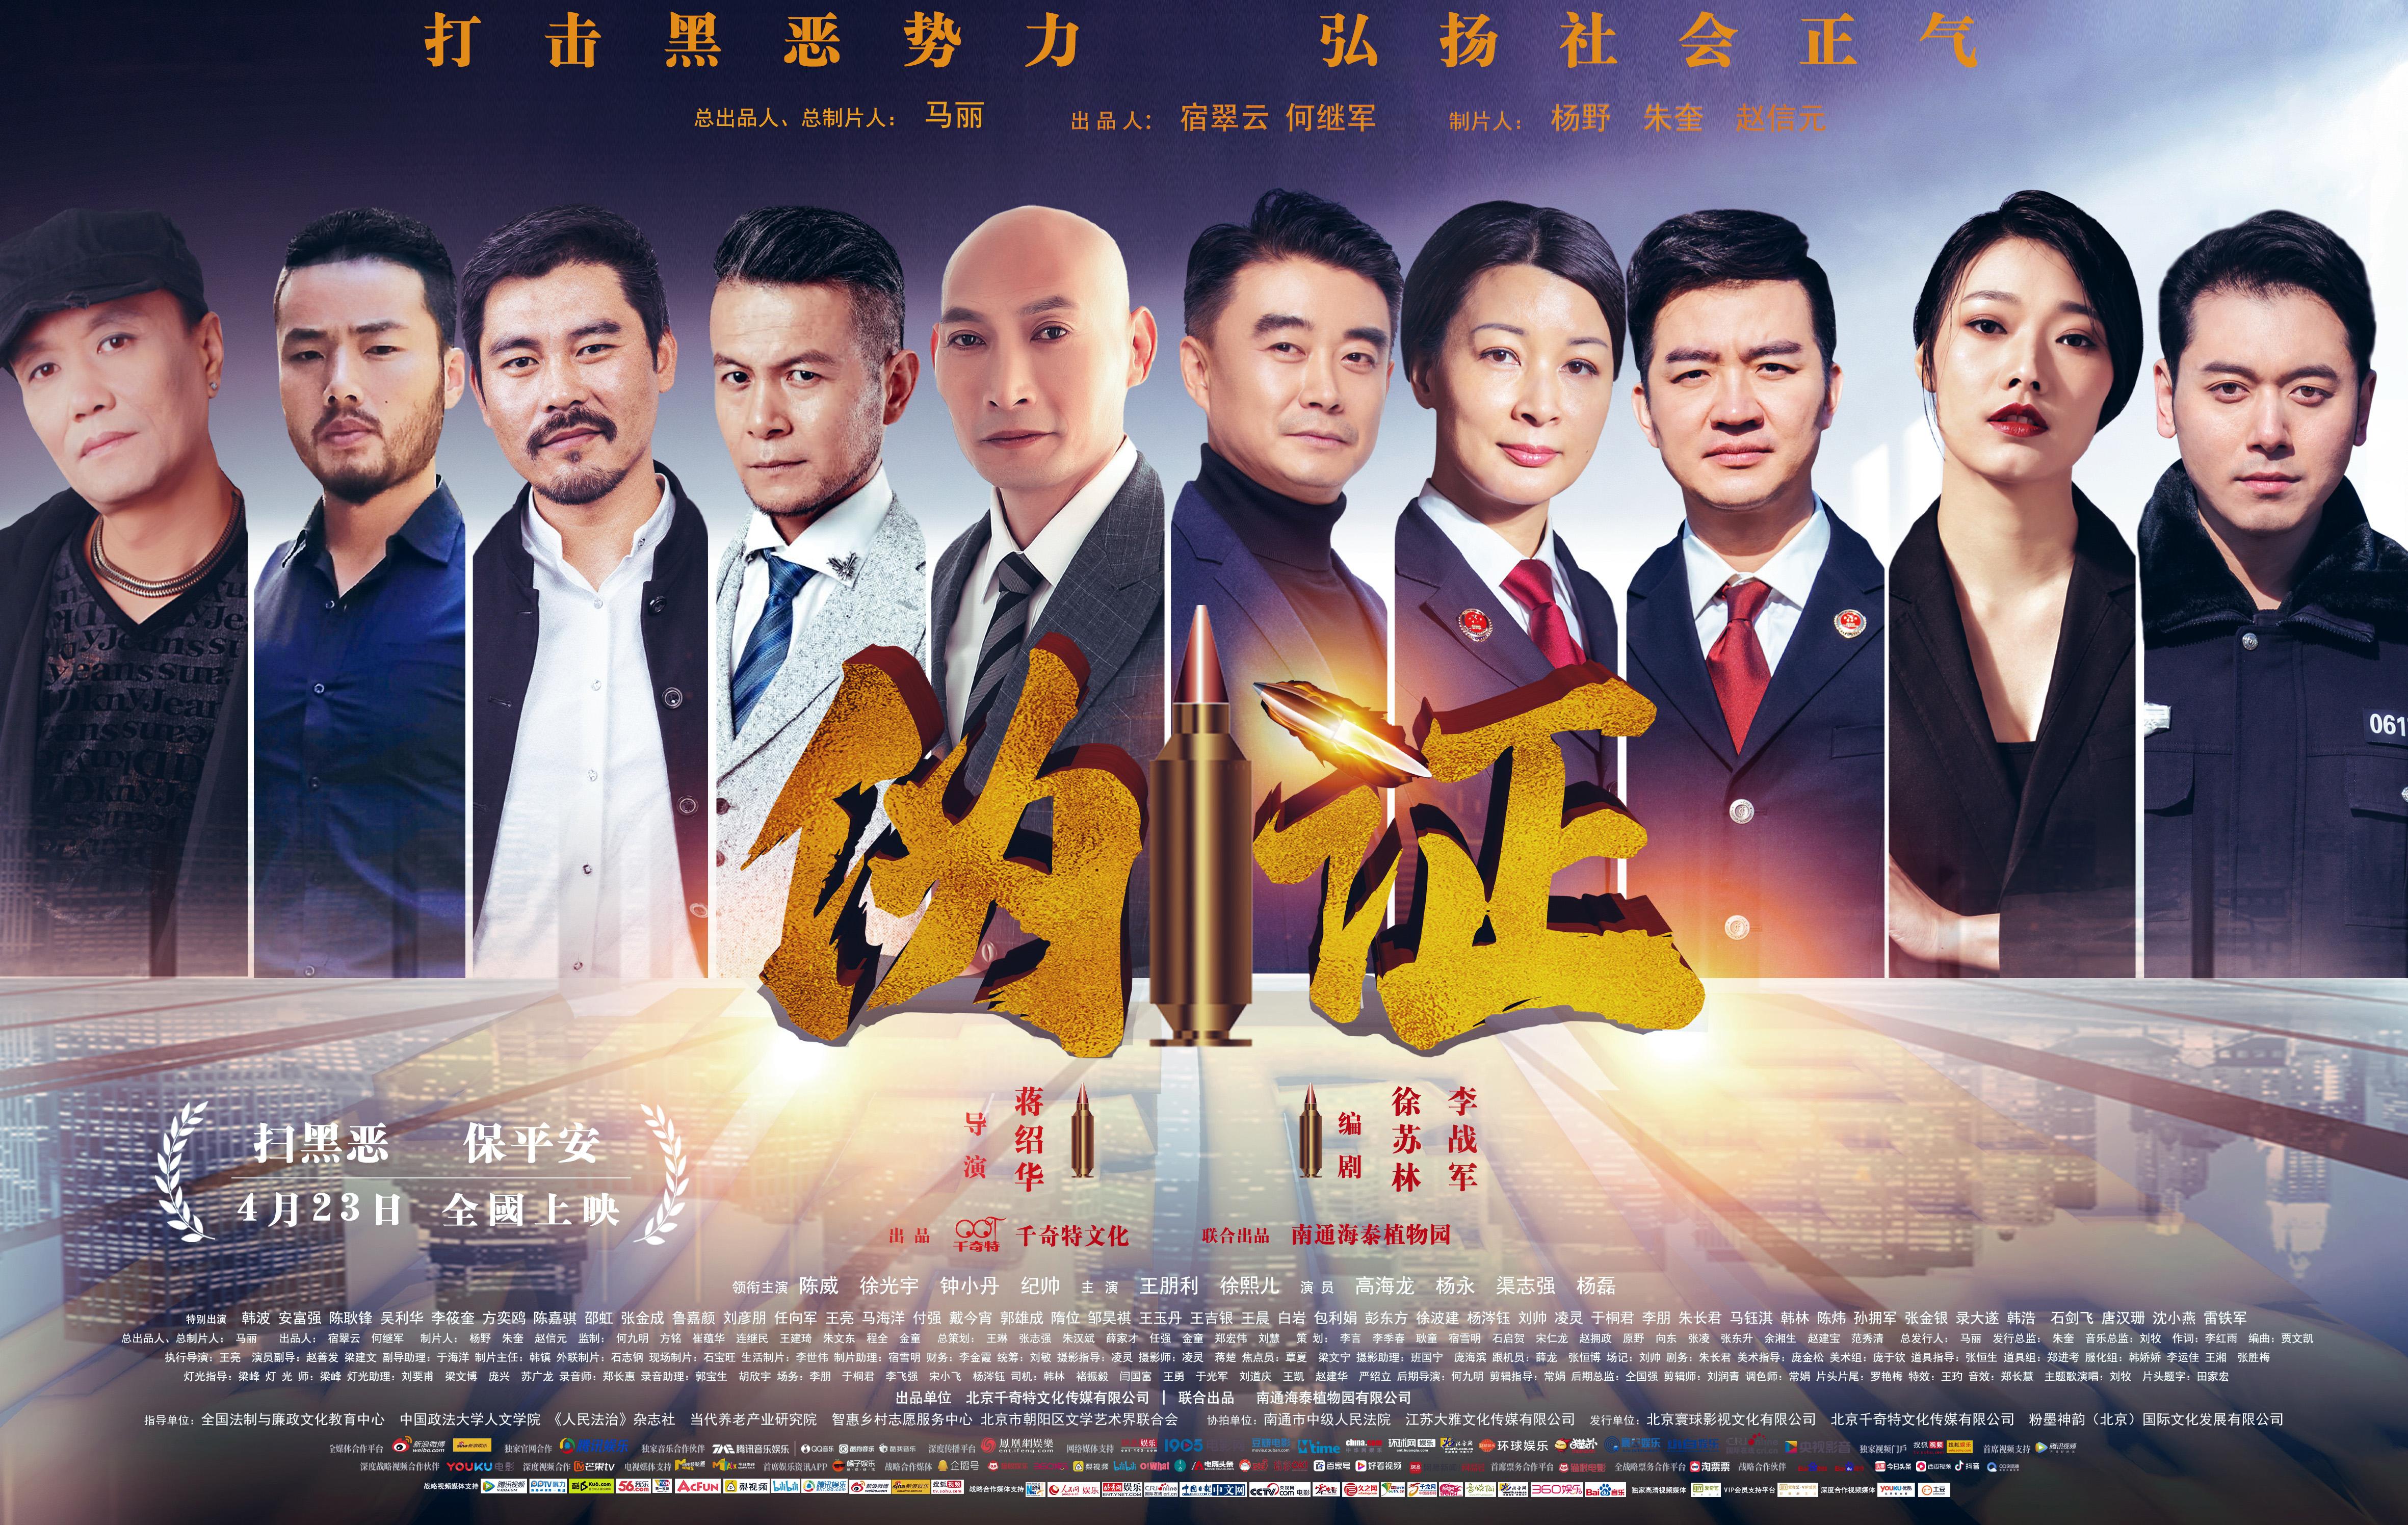 最新法治题材电影《伪证》4月23日全国公映